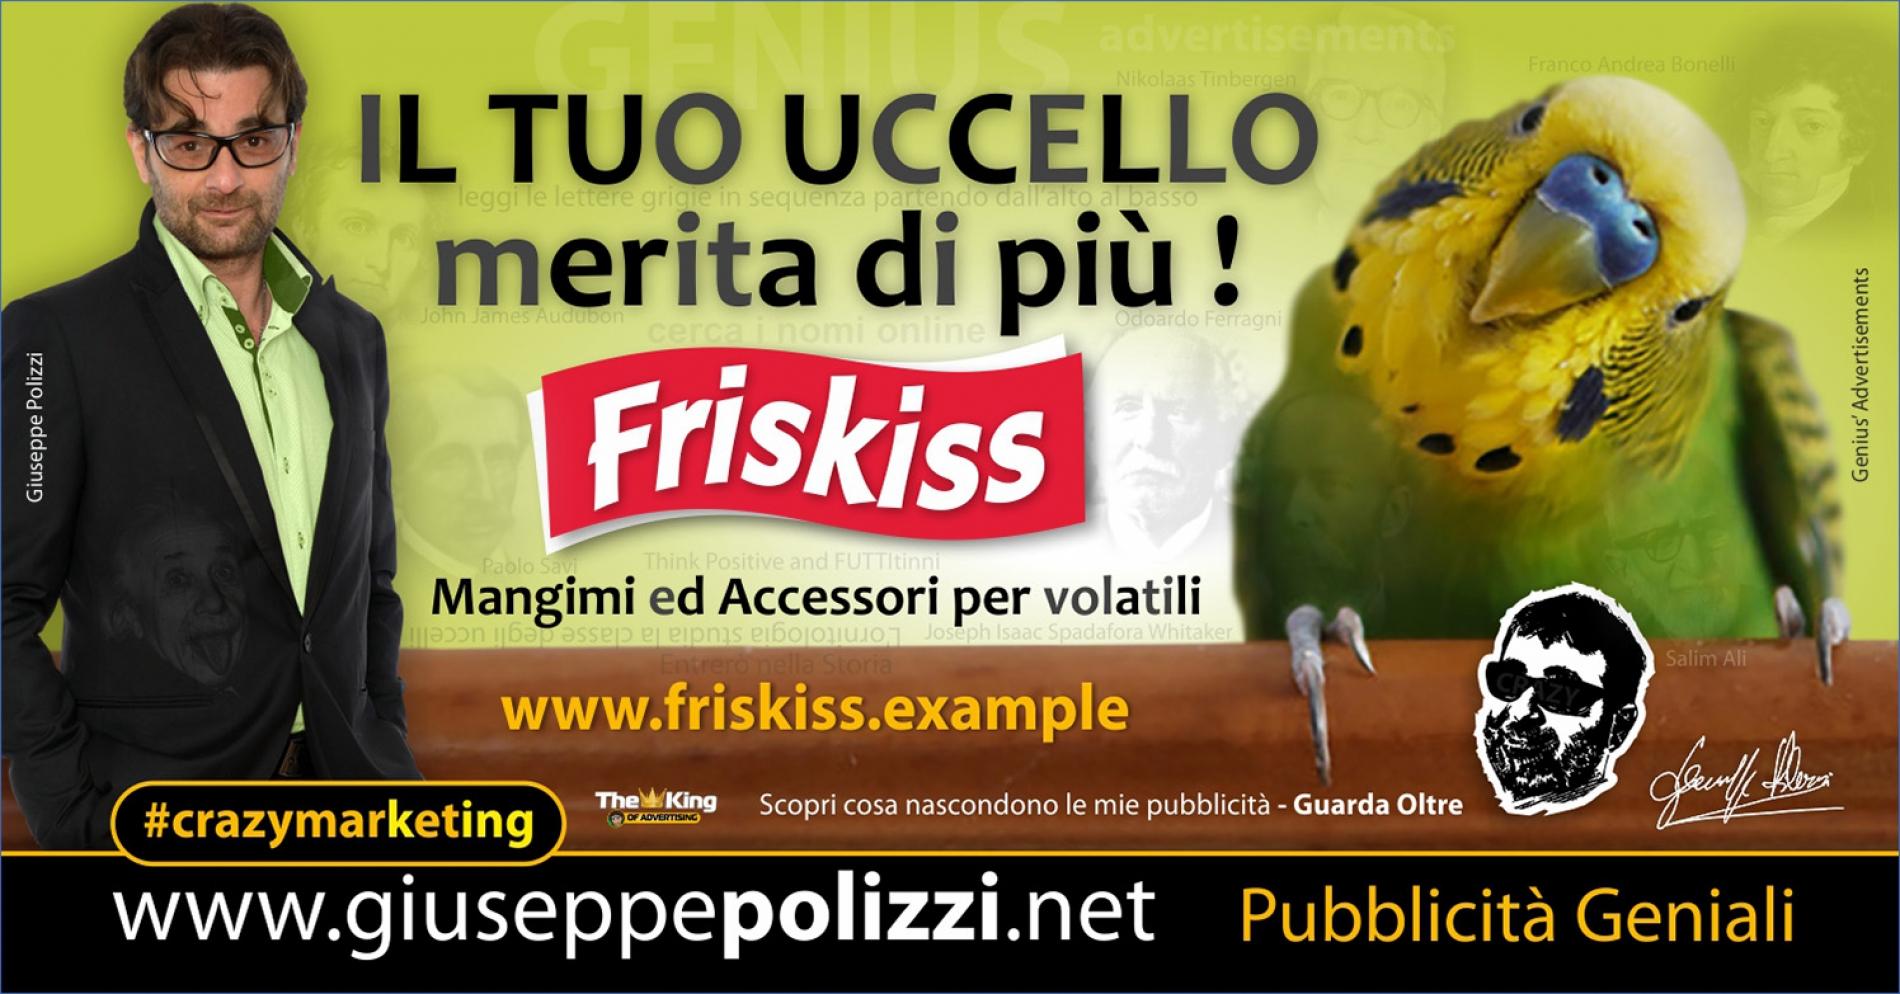 giuseppe Polizzi crazymarketing Il Tuo Uccello  pubblicità geniali